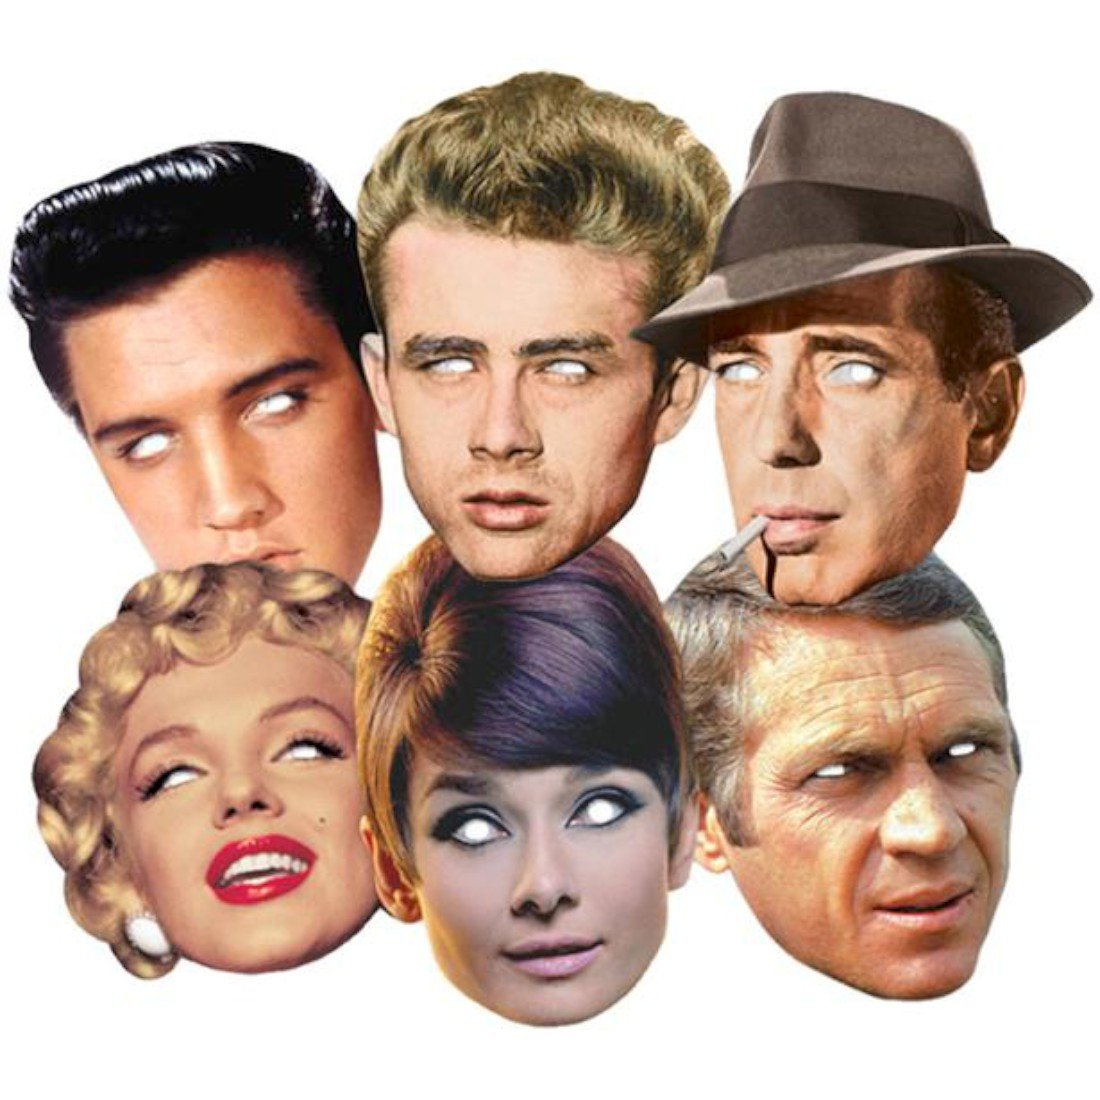 Hollywood Party Karte Partei Gesichtsmasken (Maske) Classic Packung von 6 (Audrey Hepburn, Marilyn Monroe, Elvis, Humphrey Bogart, James Dean und Steve McQueen) BundleZ-4-FanZ Fan Packs